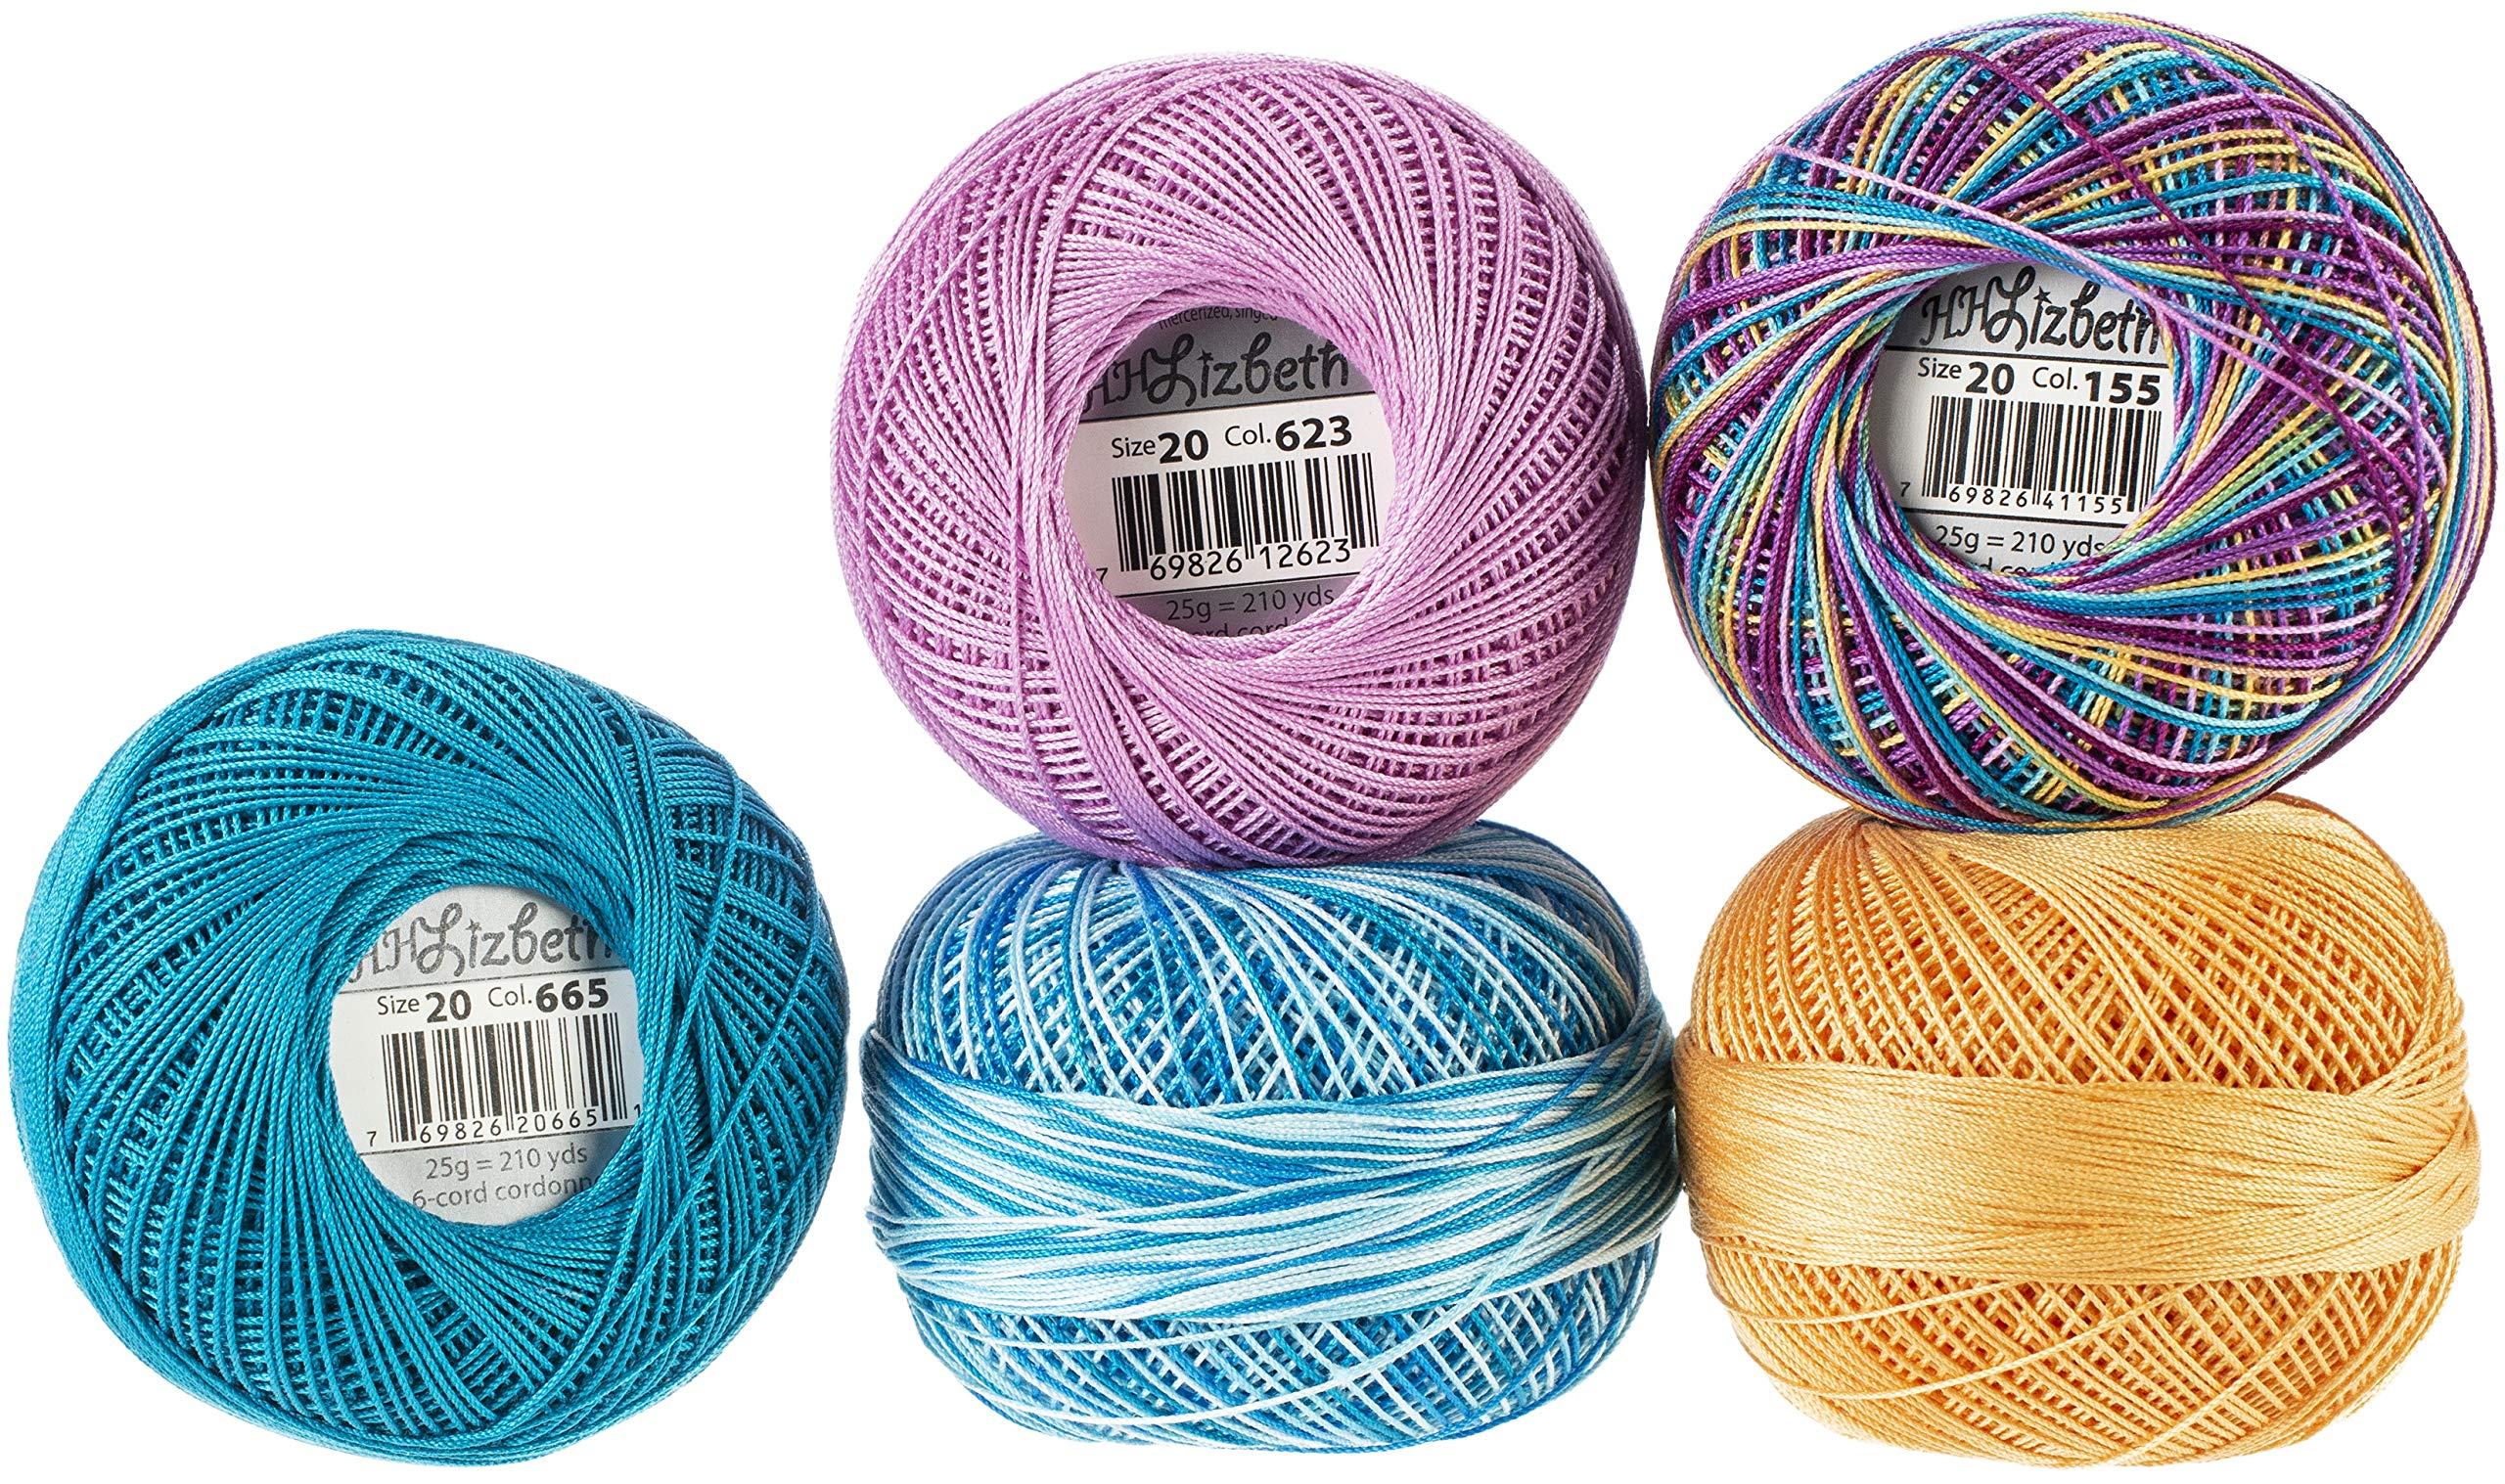 Handy Hands Lizbeth Specialty Pack Cordonnet Cotton Size 20-ocean View 5/pkg